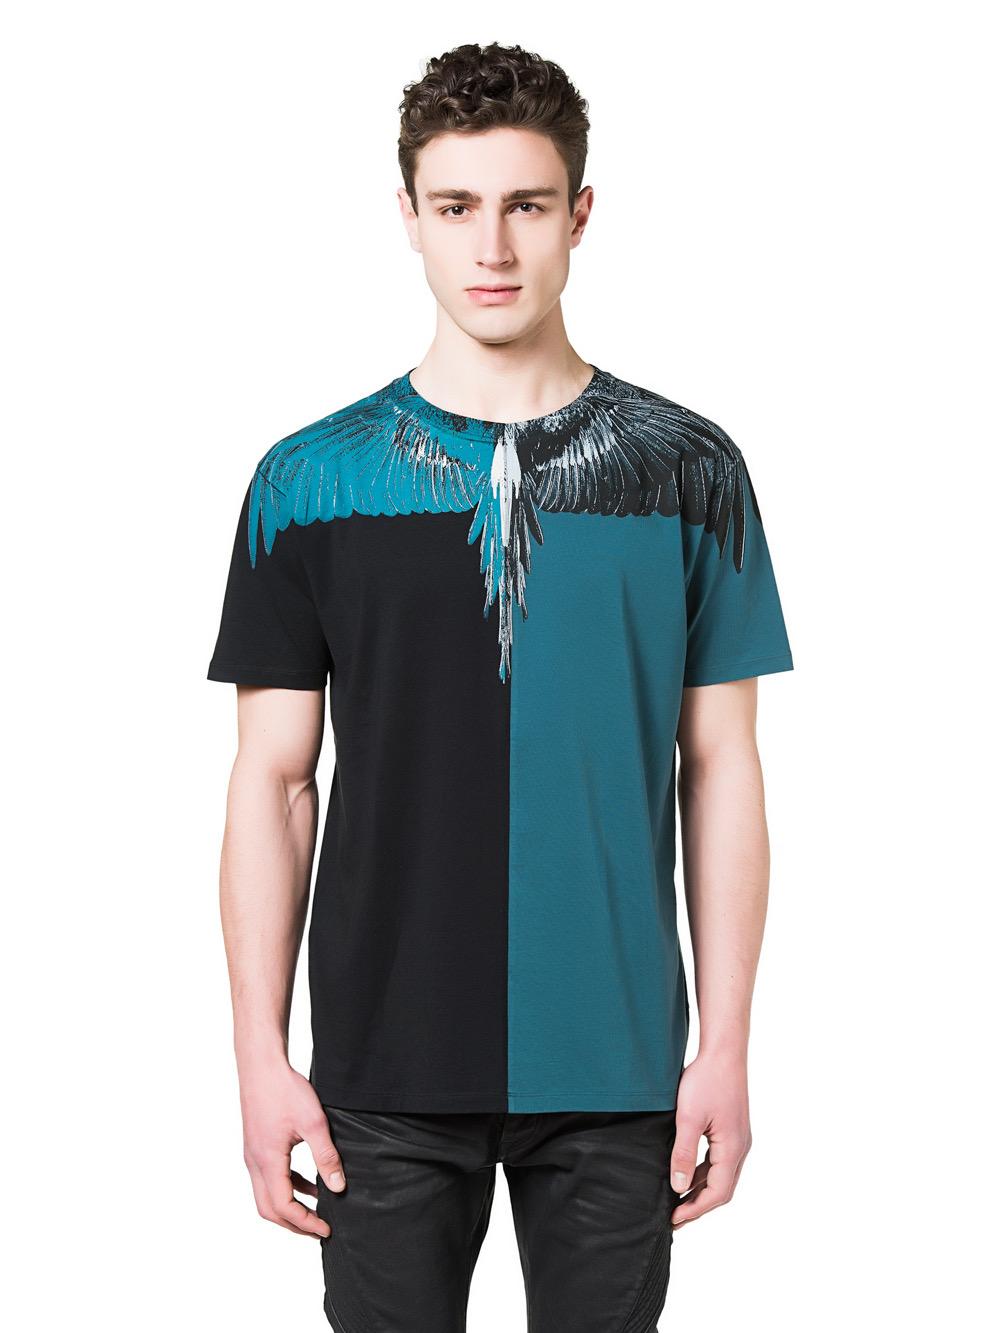 เสื้อยืด Marcelo Burlon / Marcelo Burlon T-Shirt